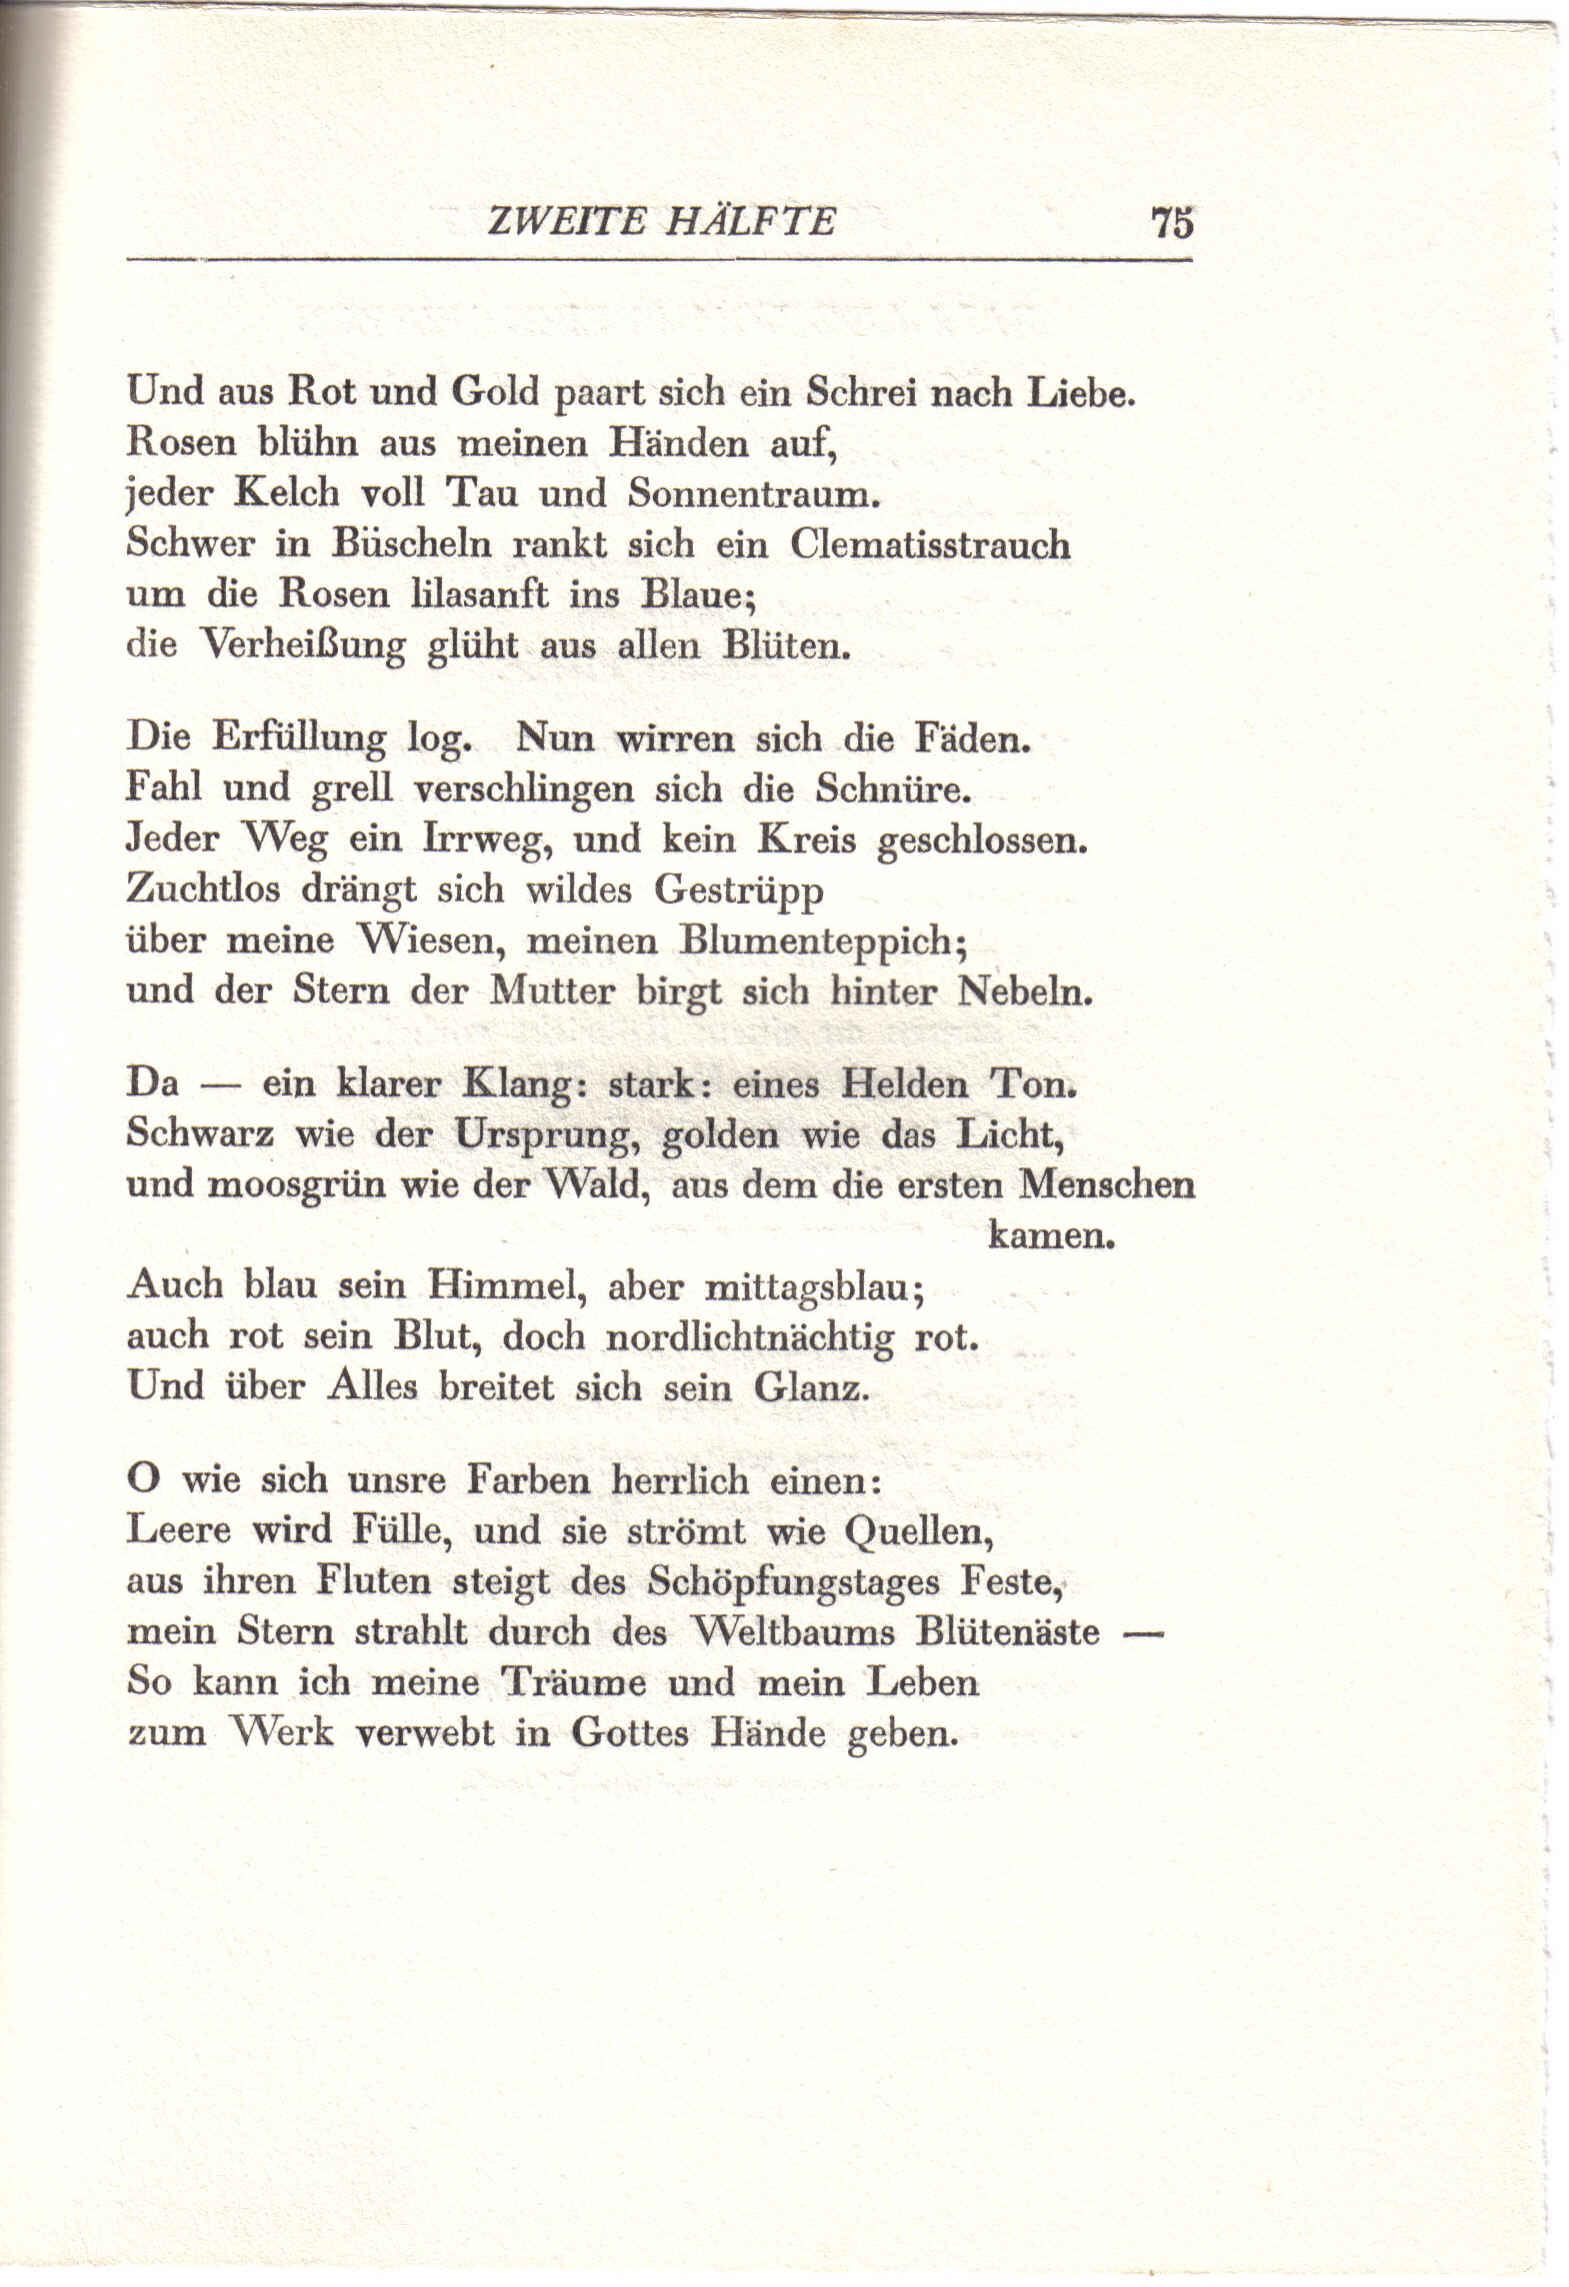 File:Schoene wilde Welt (Dehmel) 075.jpg - Wikimedia Commons